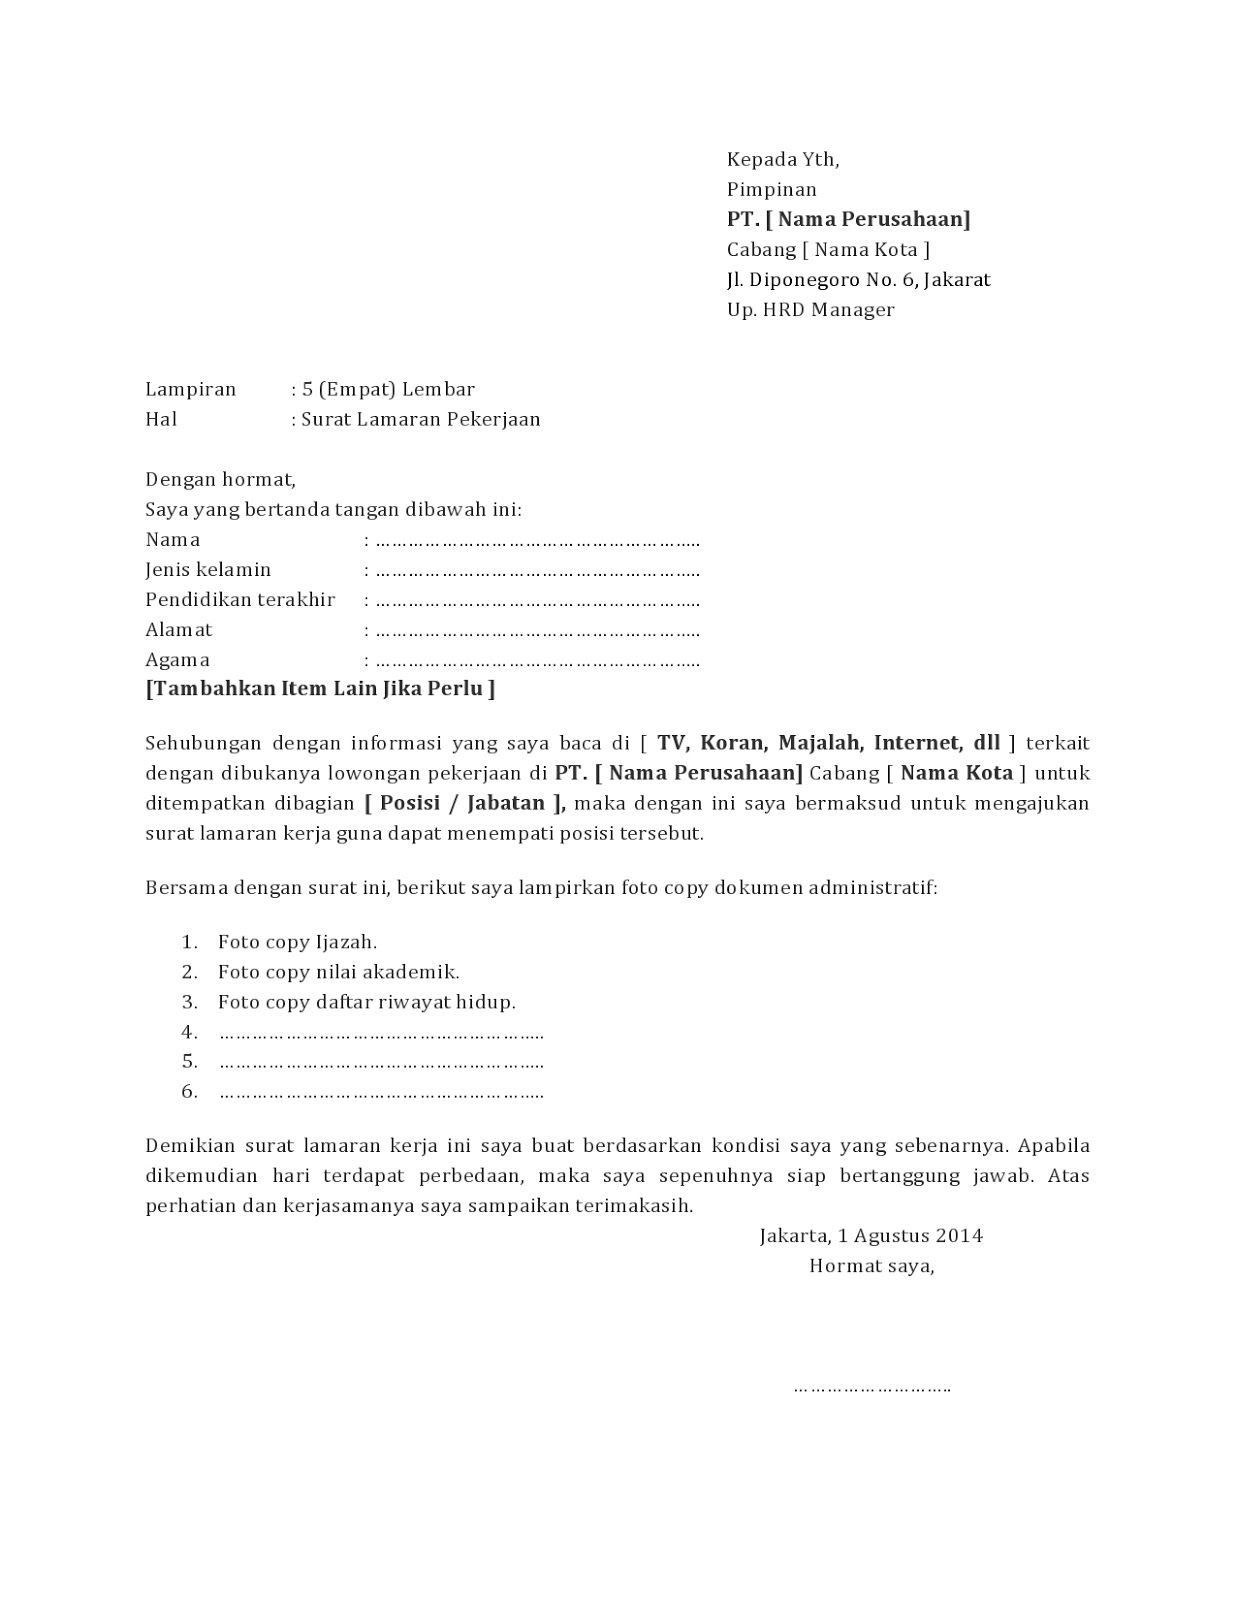 Contoh Surat Lamaran Kerja Di Cafe Surat Pendidikan Bahasa